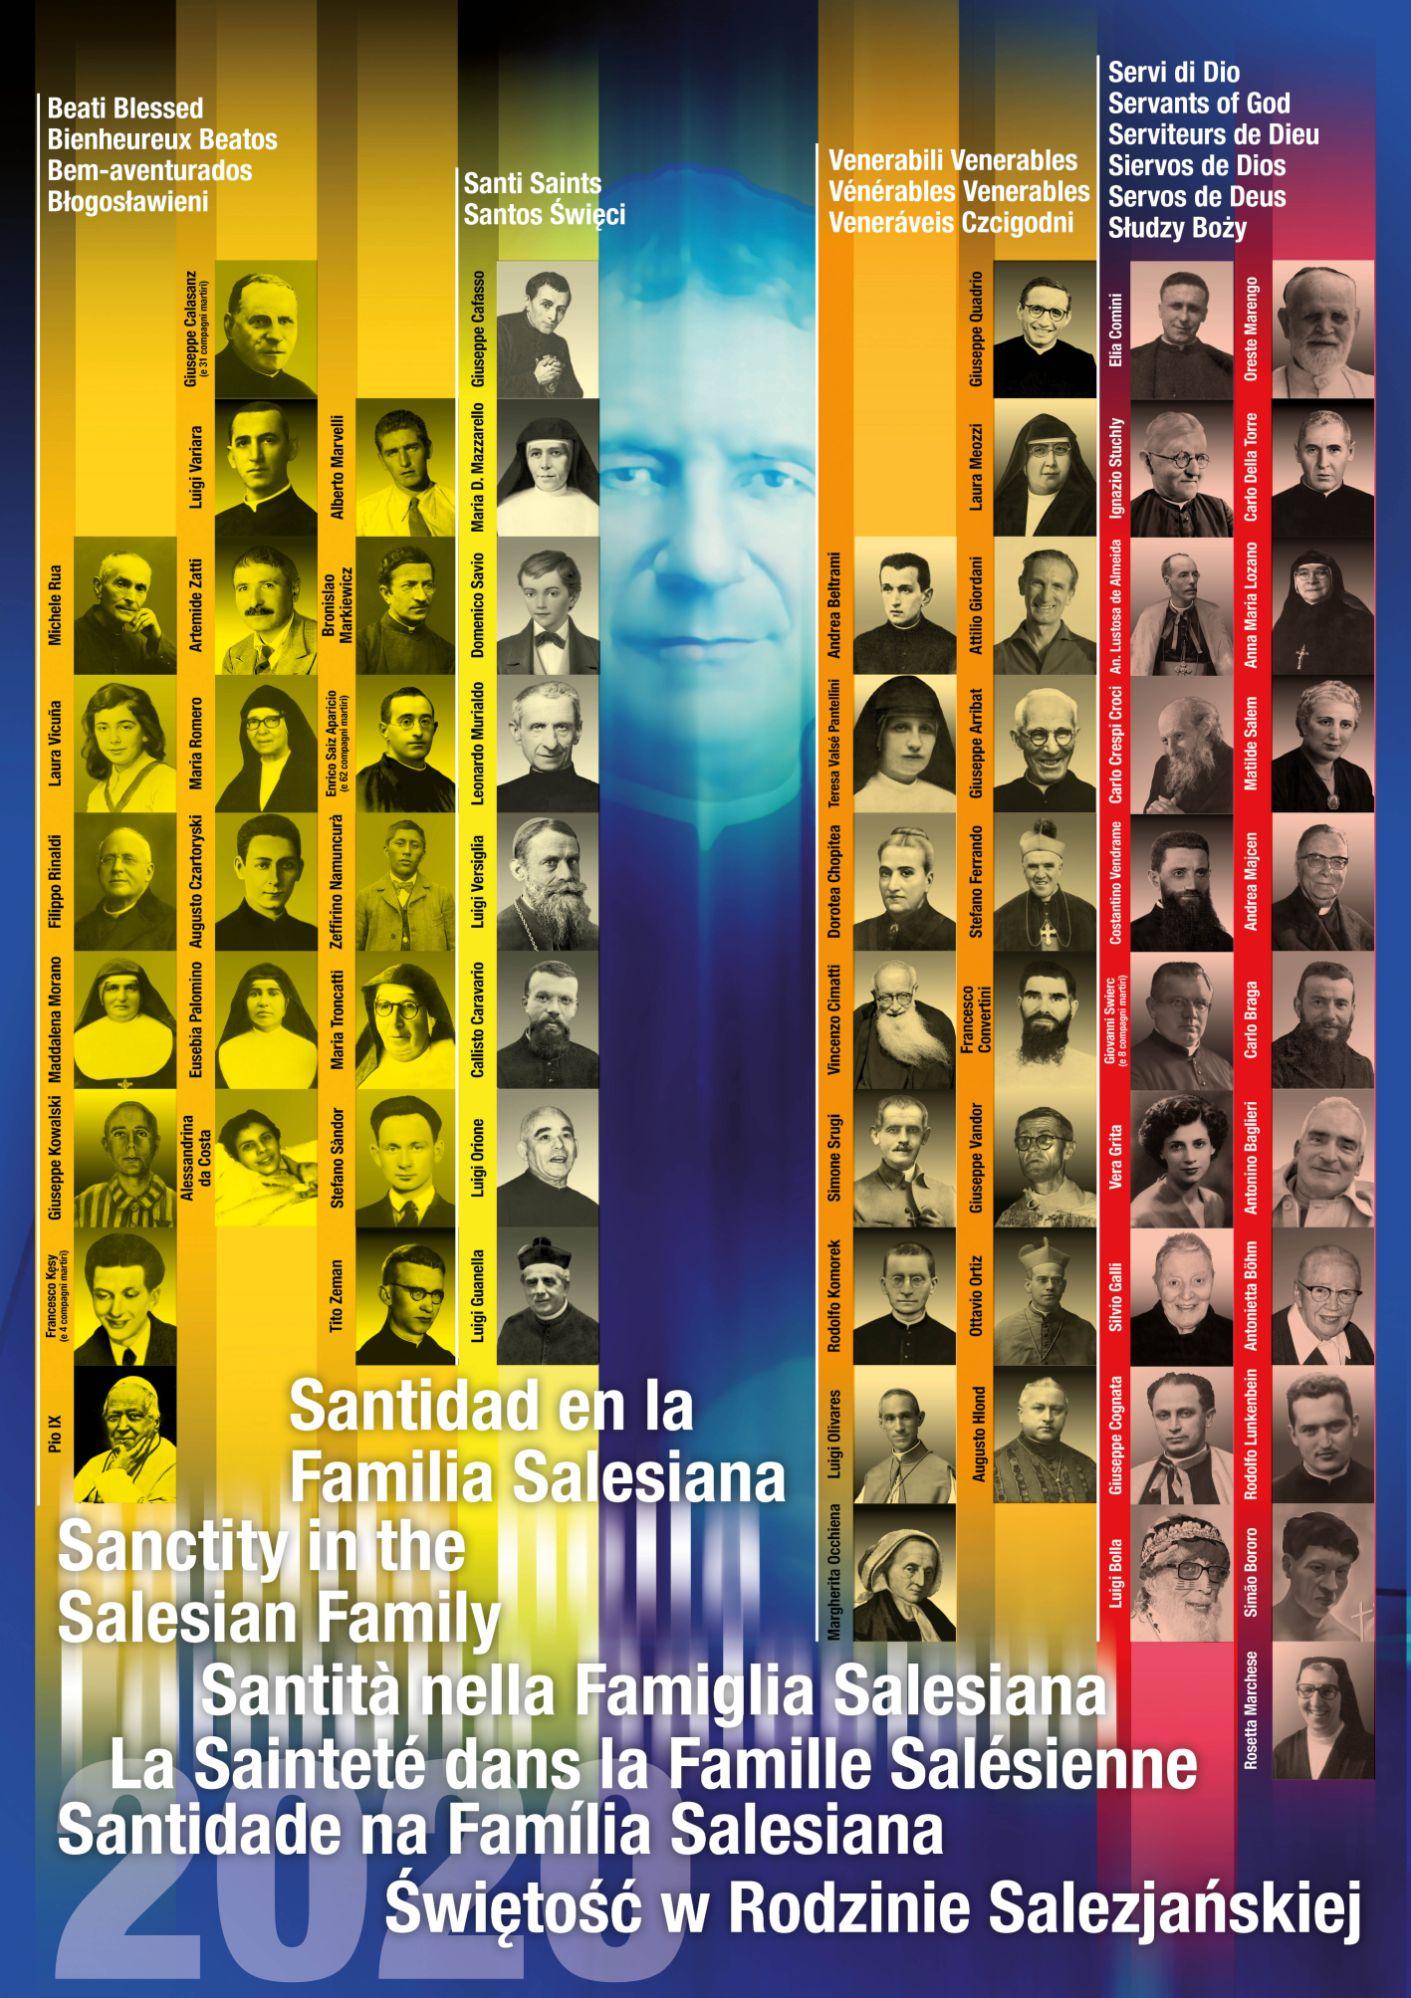 Il Poster della Santità della Famiglia Salesiana 2020